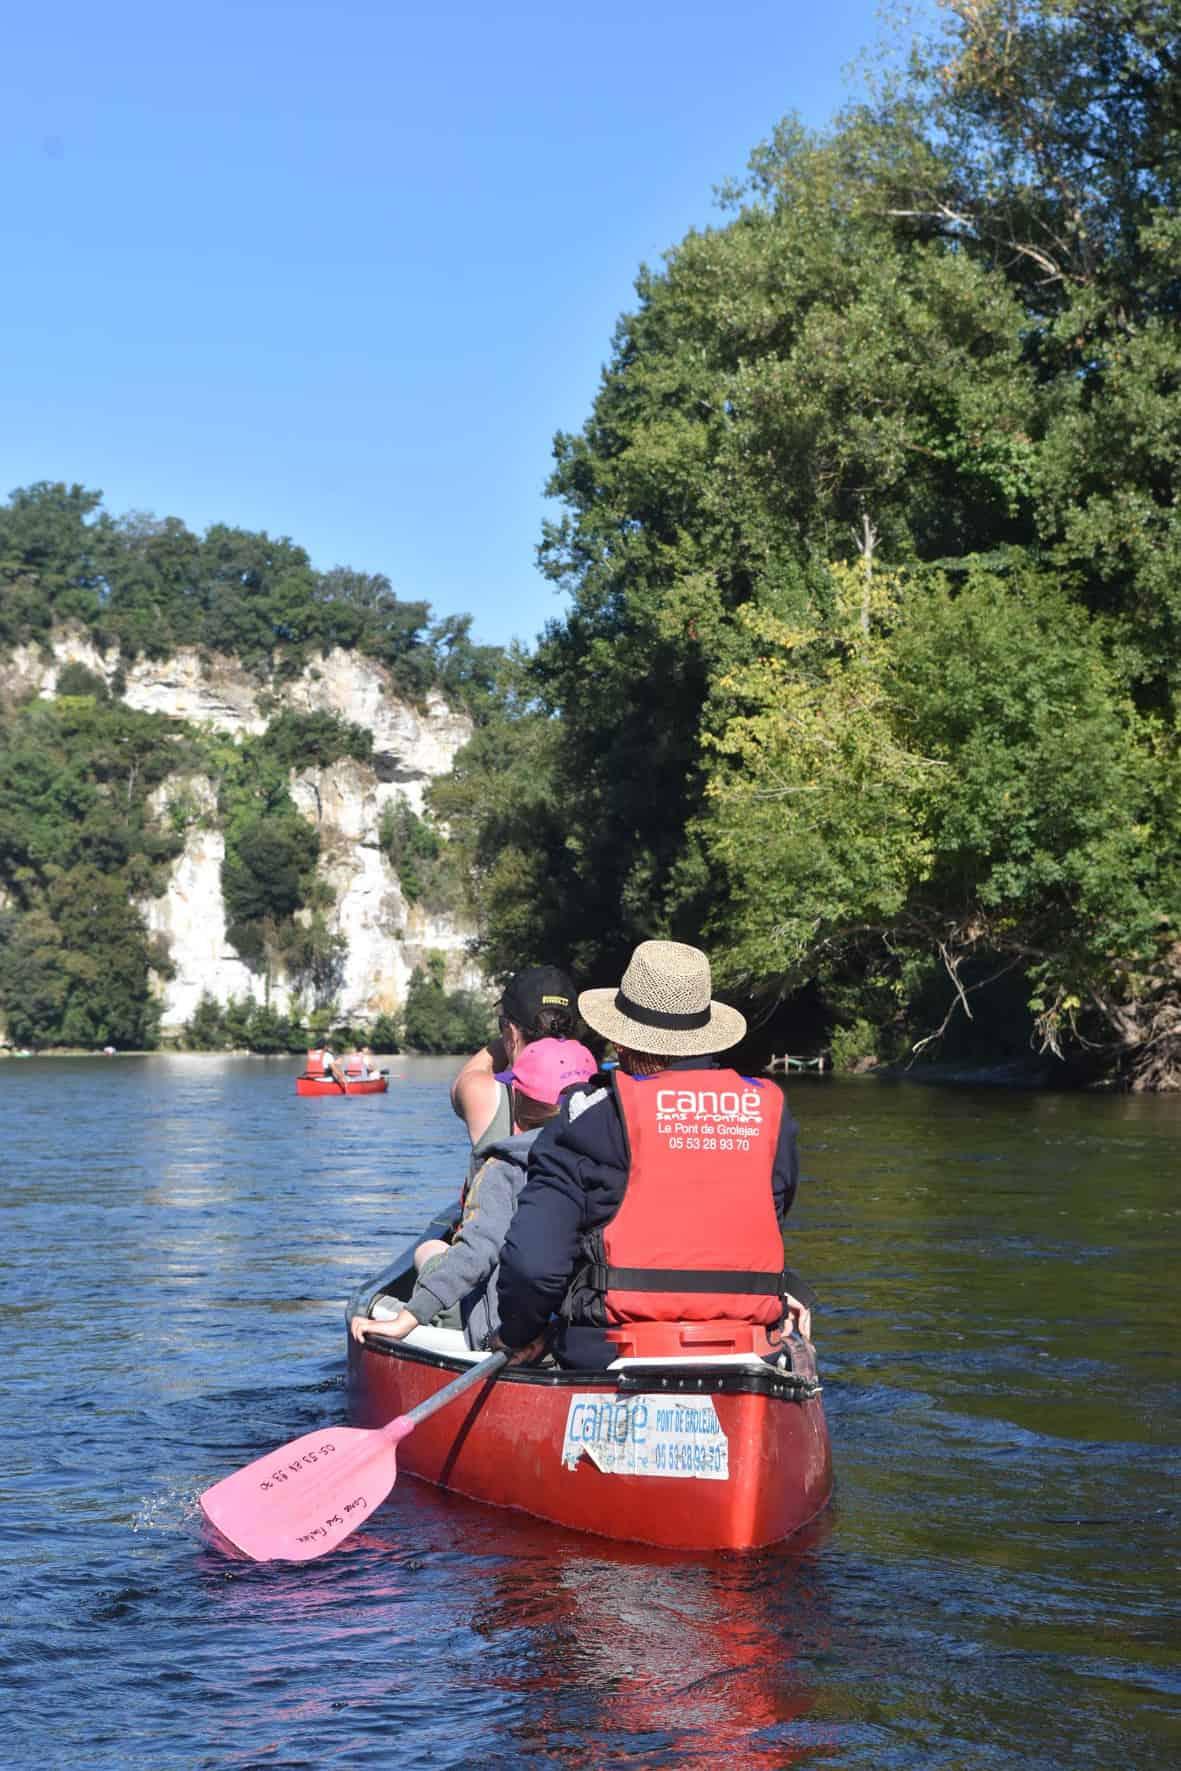 randonnée kayak dordogne, randonnées en canoe sur la Dordogne